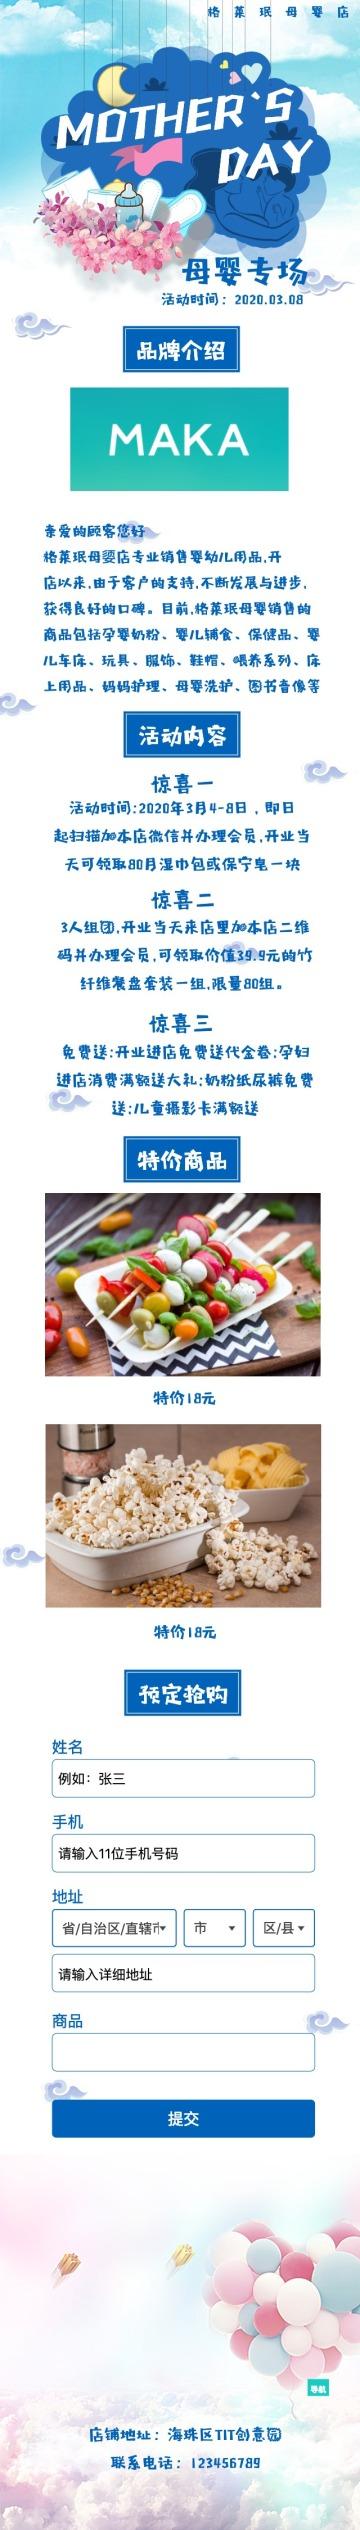 清新简约节日百货零售母婴产品促销推广介绍单页